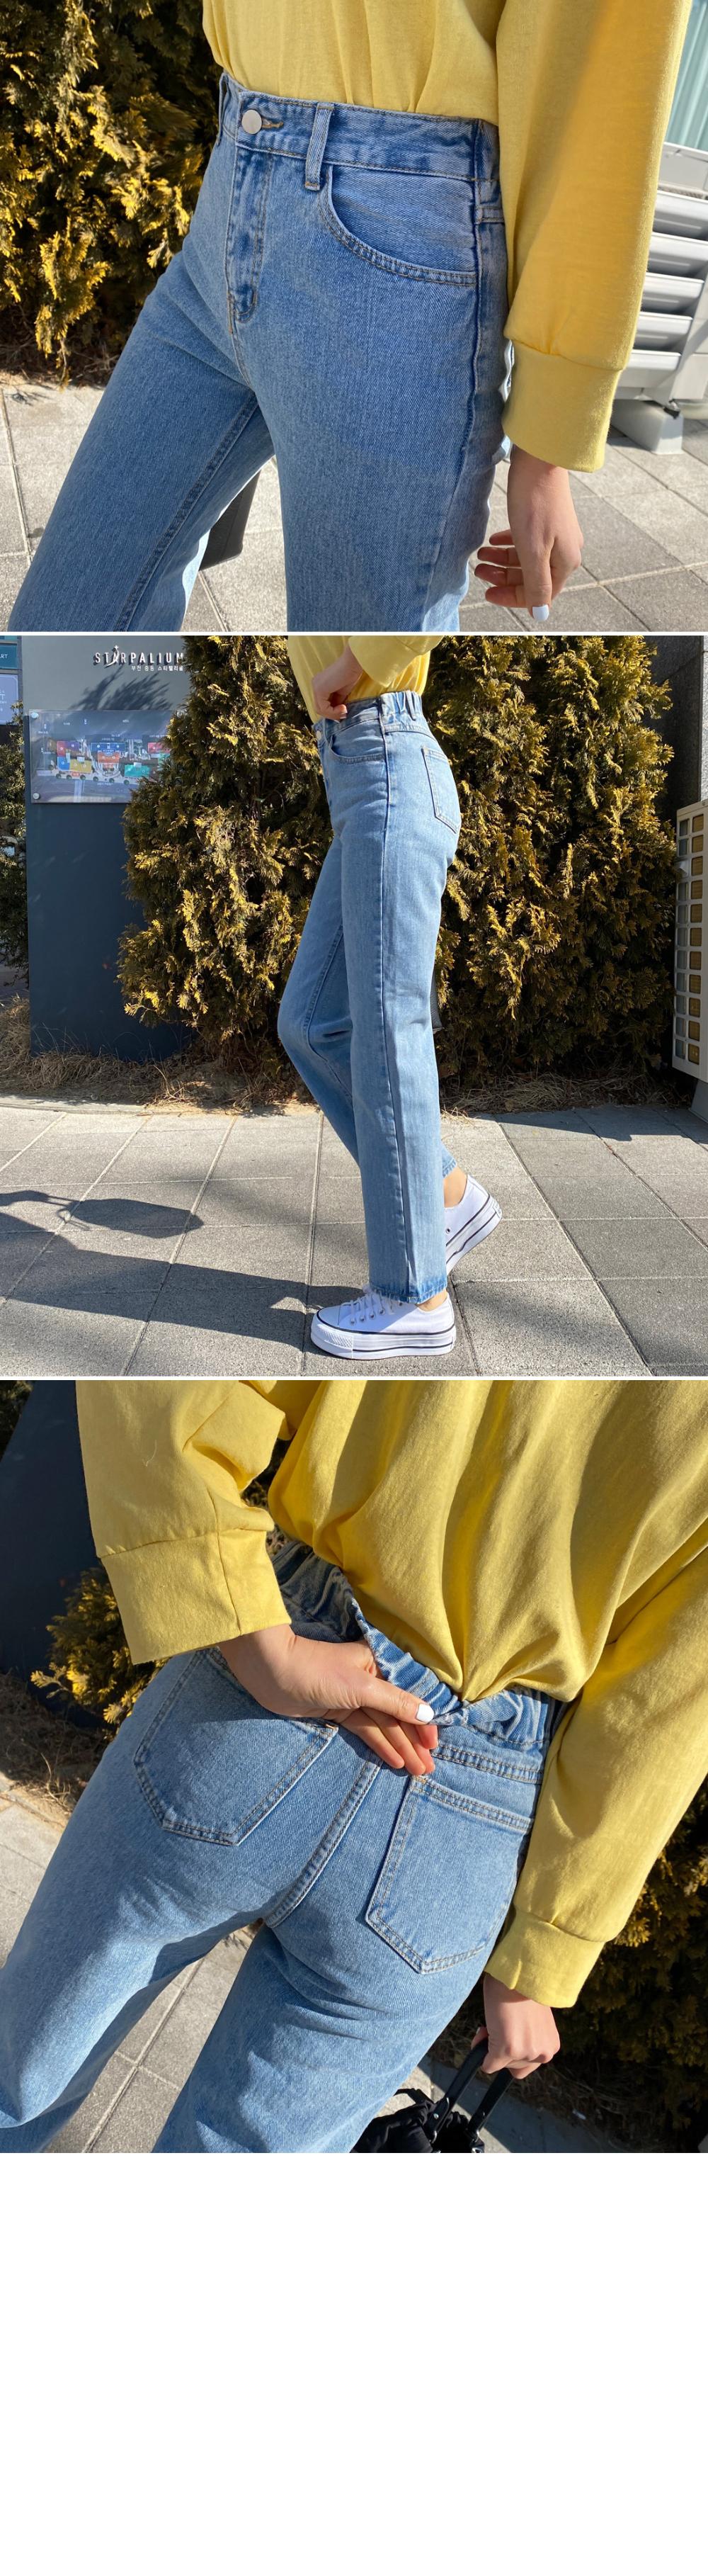 악세사리 모델 착용 이미지-S1L10